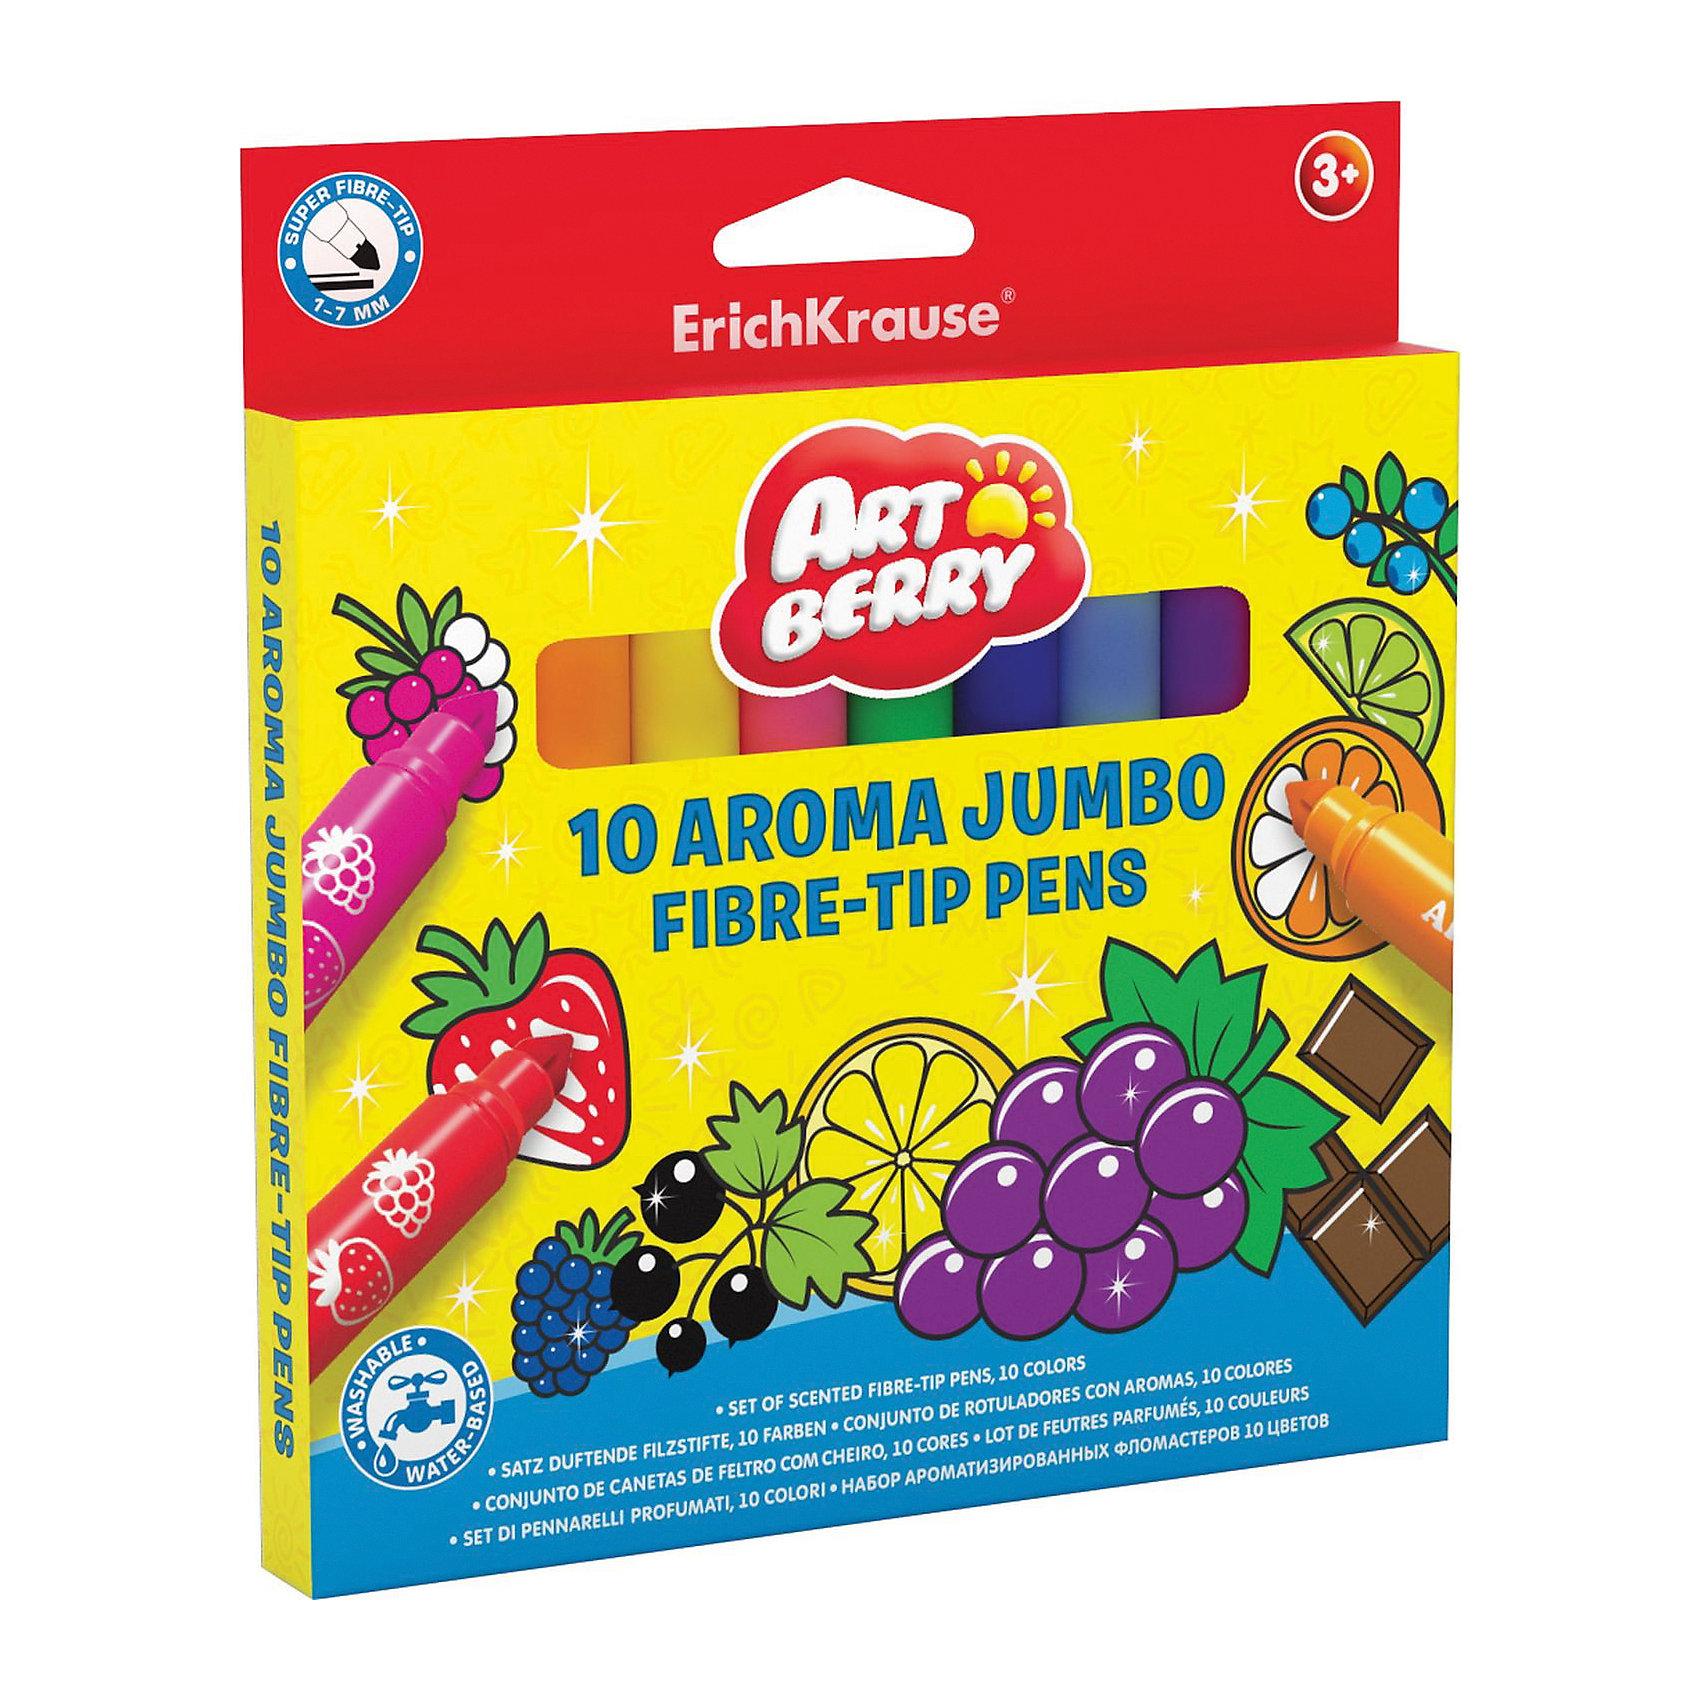 Ароматизированные фломастеры (10 цветов), ArtberryПисьменные принадлежности<br>Ароматизированные фломастеры (10 цветов), Artberry (Артберри) – очень удобный инструмент для детского творчества. Ими удобно раскрашивать книжки-раскраски или рисовать что-то свое. Благодаря специальным чернилам с добавлением пищевых ароматизаторов, эти маркеры имеют приятный фруктово-ягодный аромат. При рисовании ароматизированными фломастерами у ребенка развивается ассоциативное мышление, видение цвета через запах, развивается художественная фантазия. <br><br>Характеристики:<br>-Яркие насыщенные цвета<br>-Безопасные чернила на водной основе легко смываются холодной водой, отстирываются с тканей и отмываются с бытовых поверхностей<br>-Вентилируемый колпачок, плотная заглушка<br>-Широкий наконечник конического типа позволяет варьировать толщину линии от 1 до 7 мм<br>-Четкие контрастные линии<br><br>Комплектация: 10 разноцветных ароматизированных фломастеров <br><br>Дополнительная информация:<br>-Вес в упаковке: 178 г<br>-Размеры в упаковке: 167х154х10 мм<br>-Материалы: пластик, картон, чернила<br><br>Набор ароматизированных фломастеров станет отличным подарком, который доставит настоящую радость детям и откроет новые возможности для развития творческих способностей Вашего ребенка.<br><br>Ароматизированные фломастеры (10 цветов), Artberry (Артберри) можно купить в нашем магазине.<br><br>Ширина мм: 167<br>Глубина мм: 154<br>Высота мм: 10<br>Вес г: 178<br>Возраст от месяцев: 36<br>Возраст до месяцев: 144<br>Пол: Унисекс<br>Возраст: Детский<br>SKU: 4058301